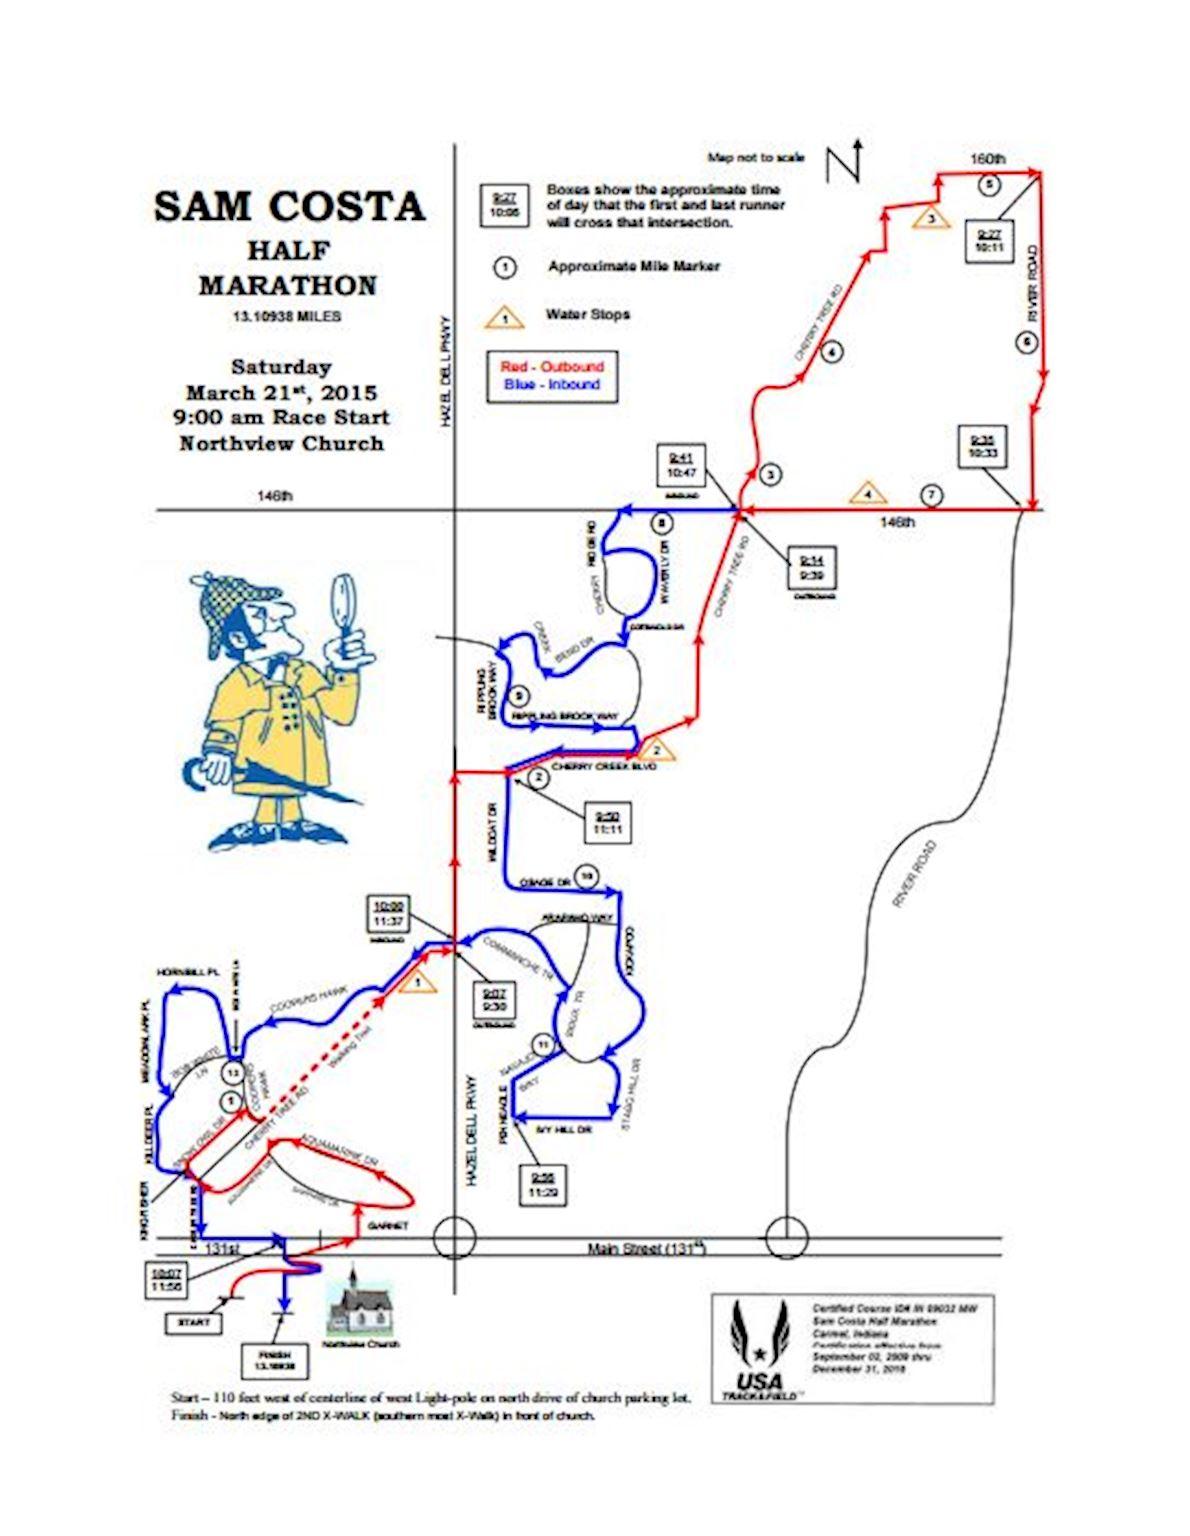 Sam Costa Half Marathon 路线图